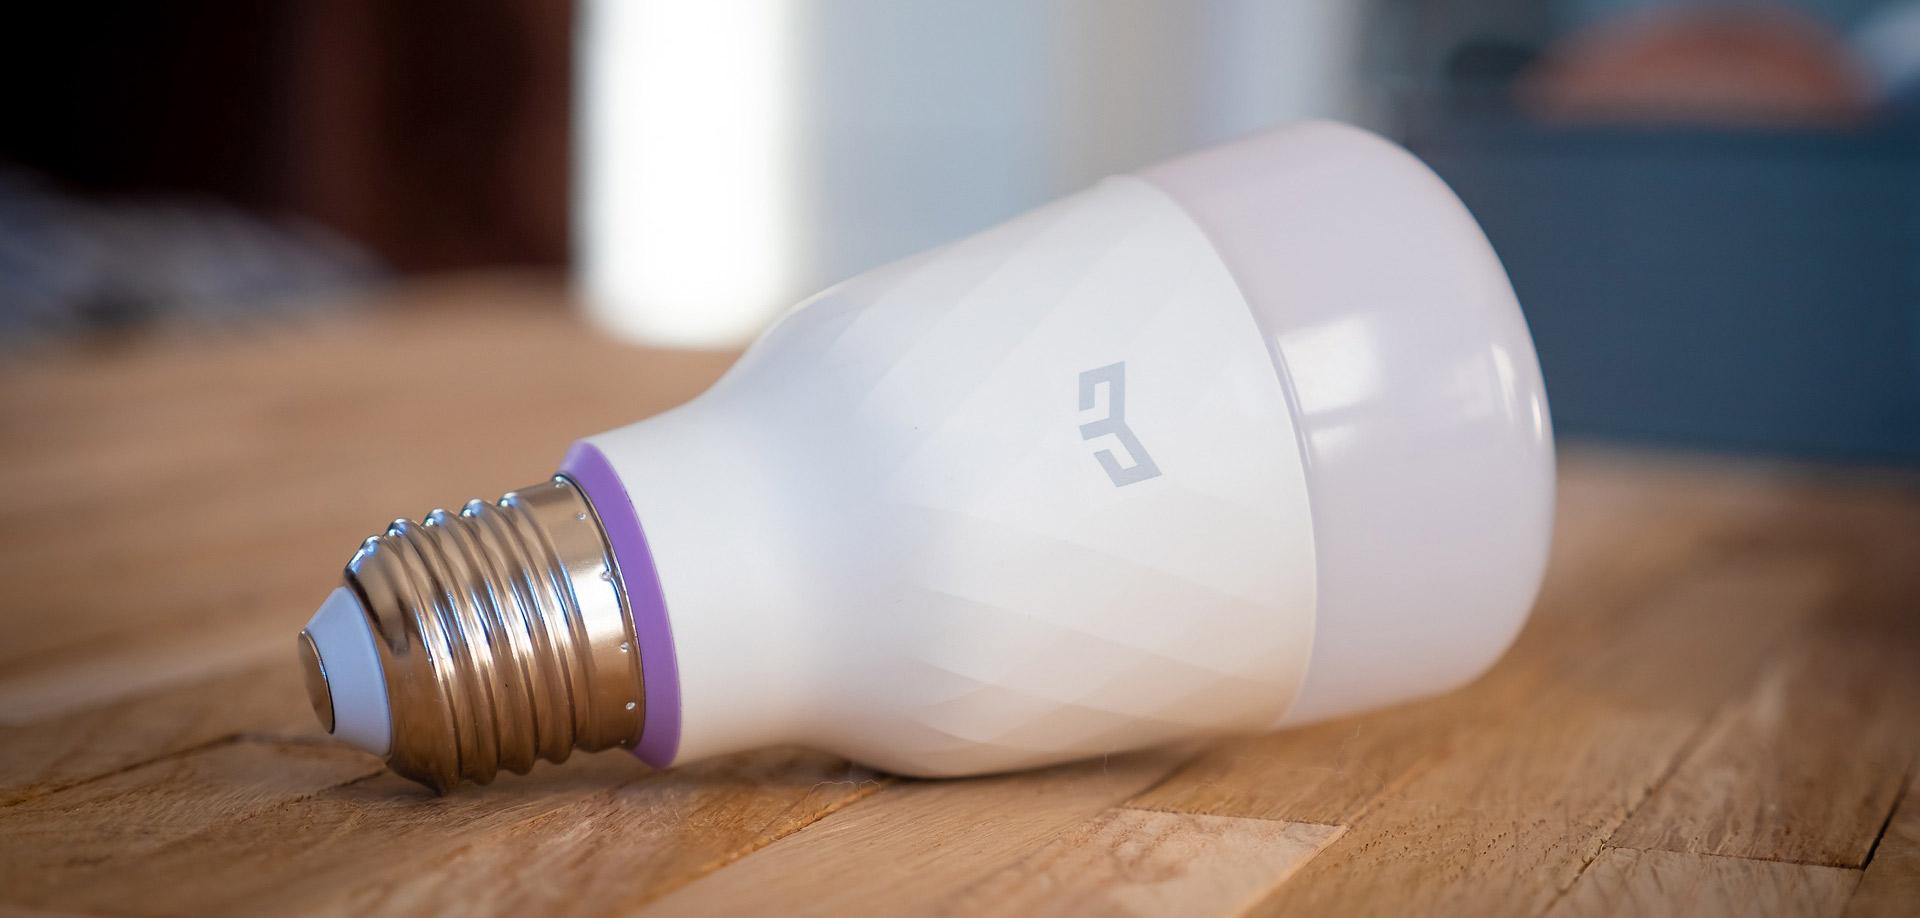 Aj inteligentné žiarovky môžu ohroziť vaše súkromie a bezpečnosť